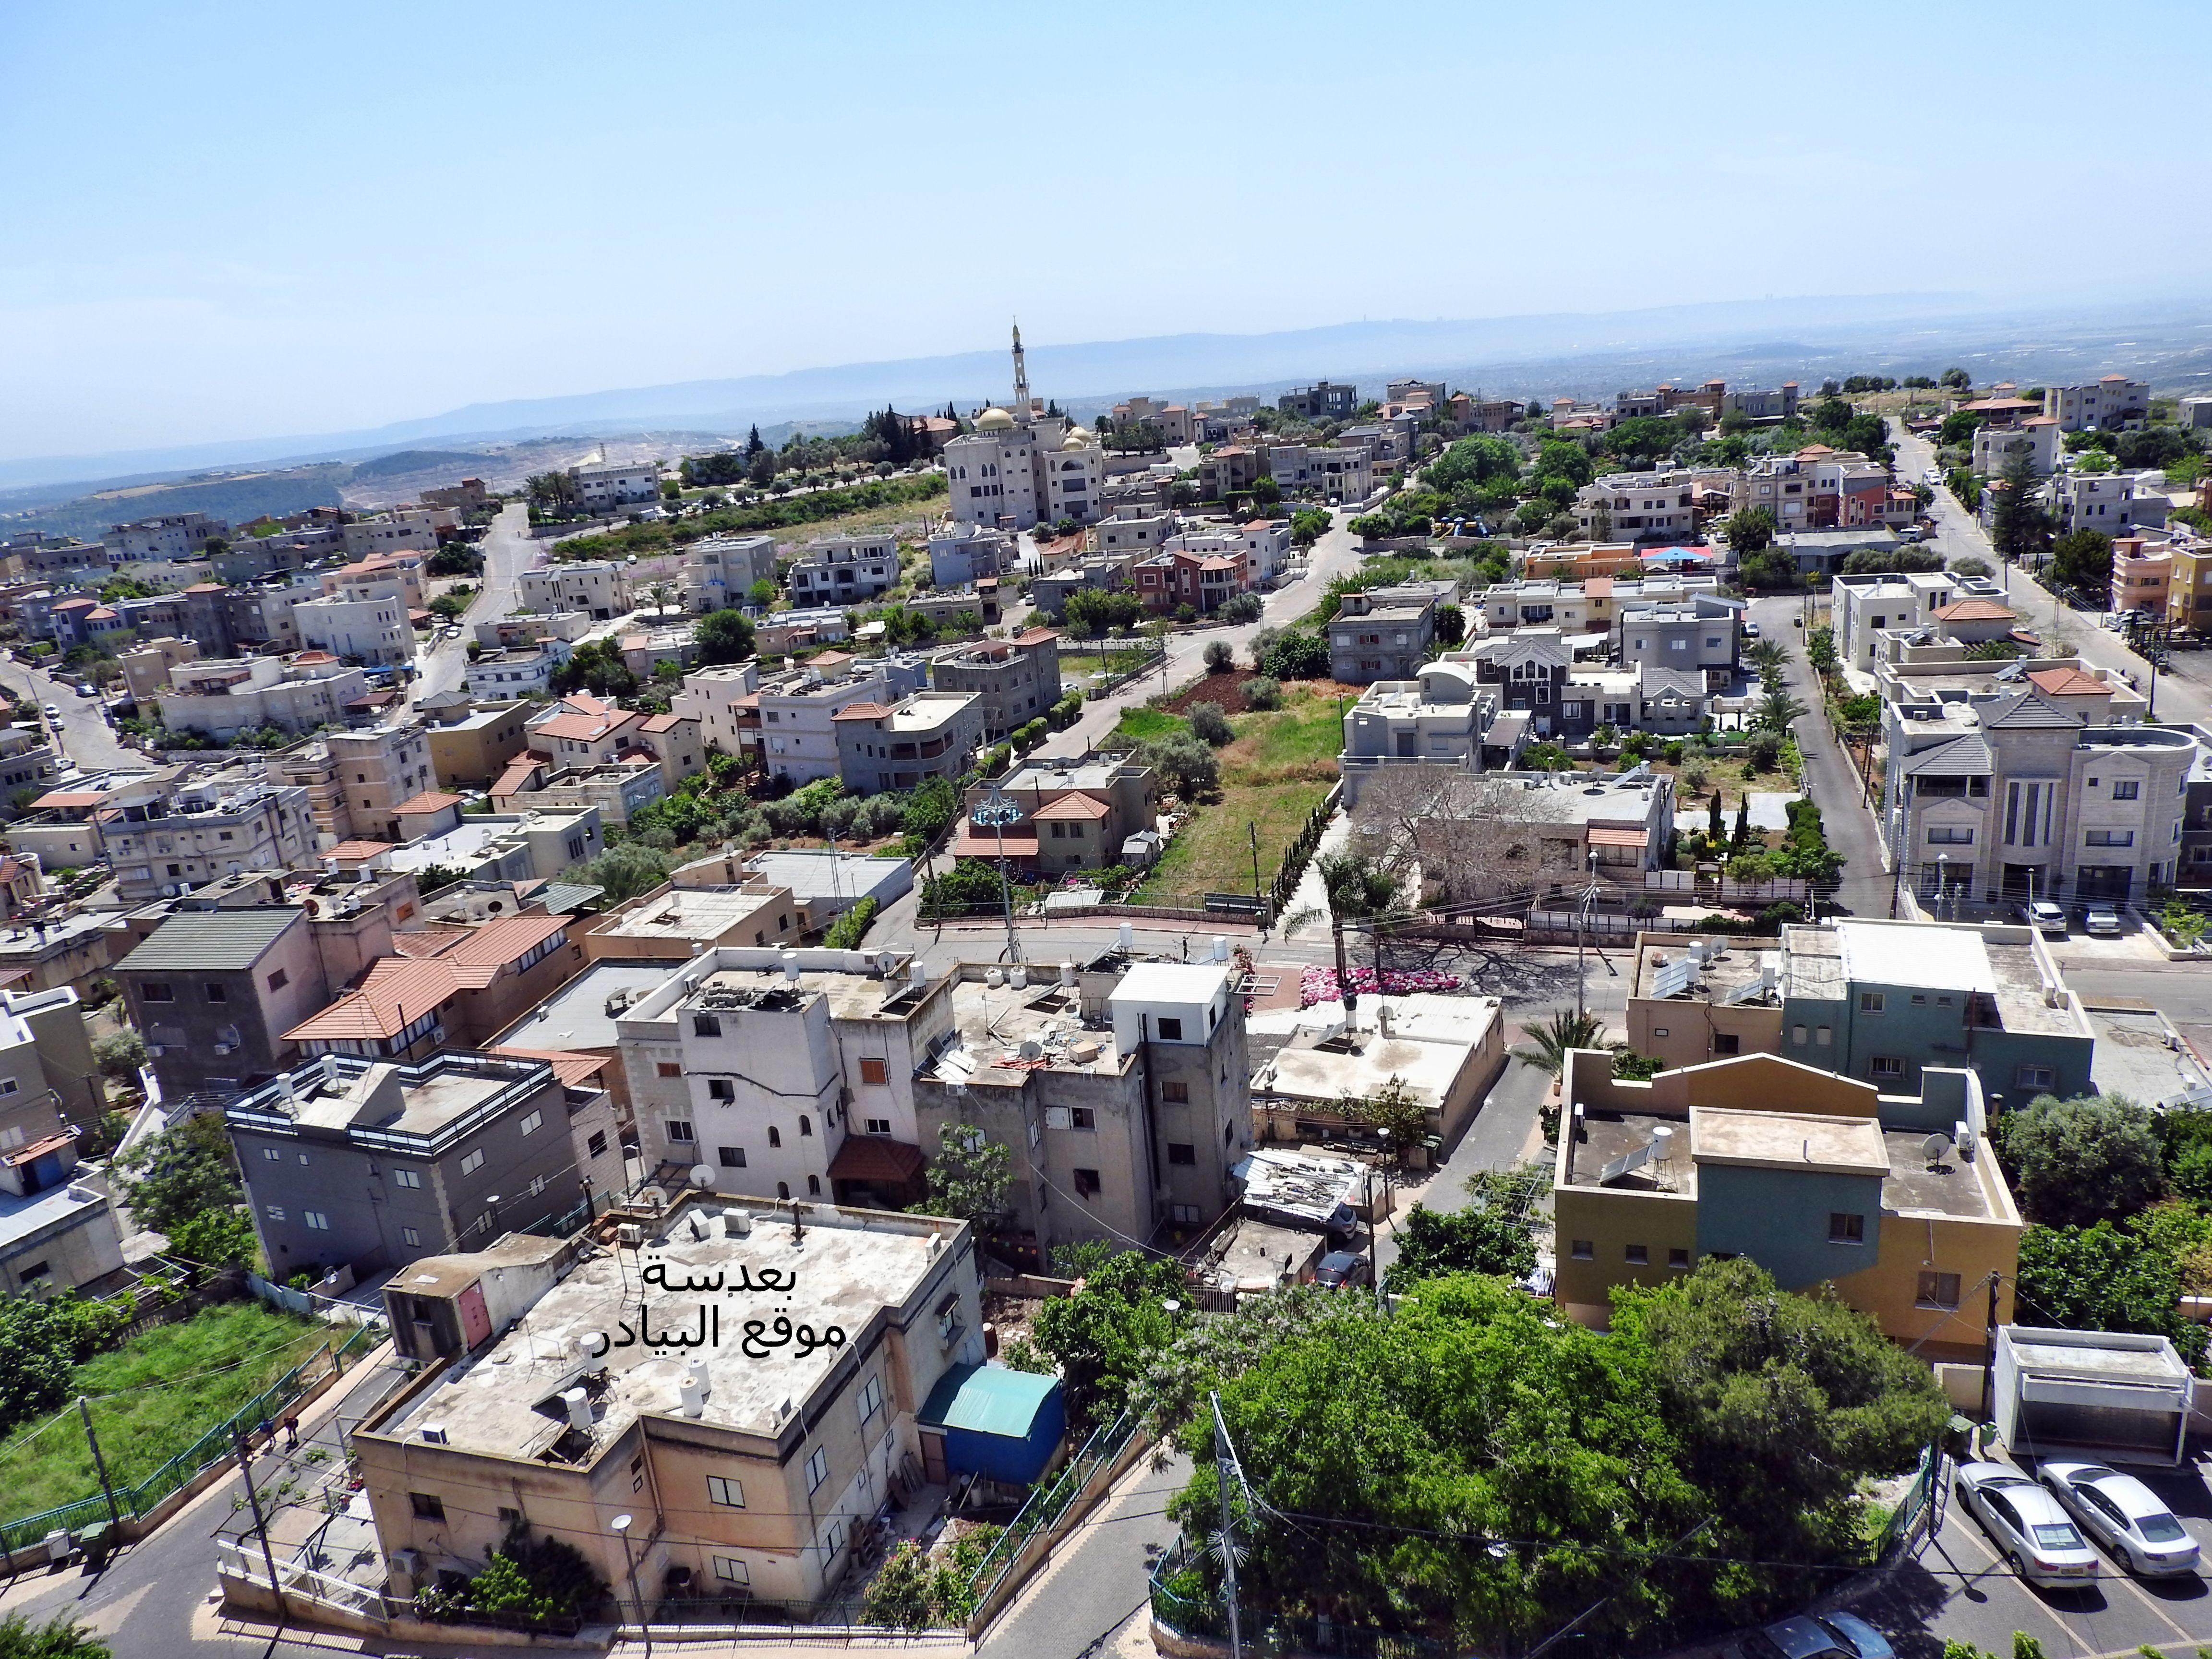 مجلس كوكب ابو الهيجاء المحلي:بيان بخصوص قسائم البناء وتأجير البيوت في القرية